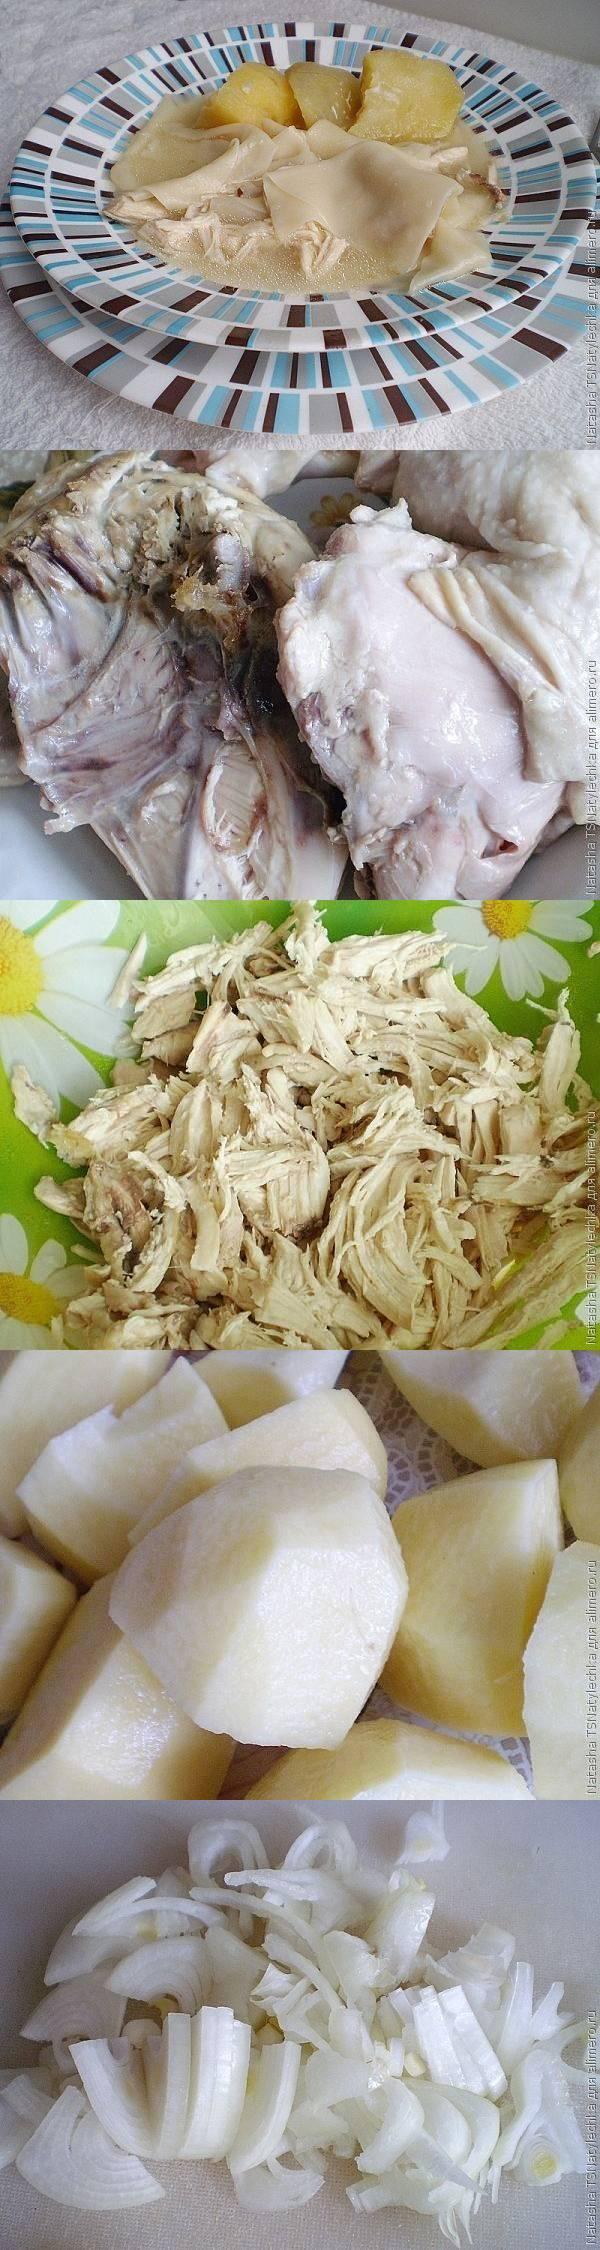 Домашние макароны рецепт теста пошагово